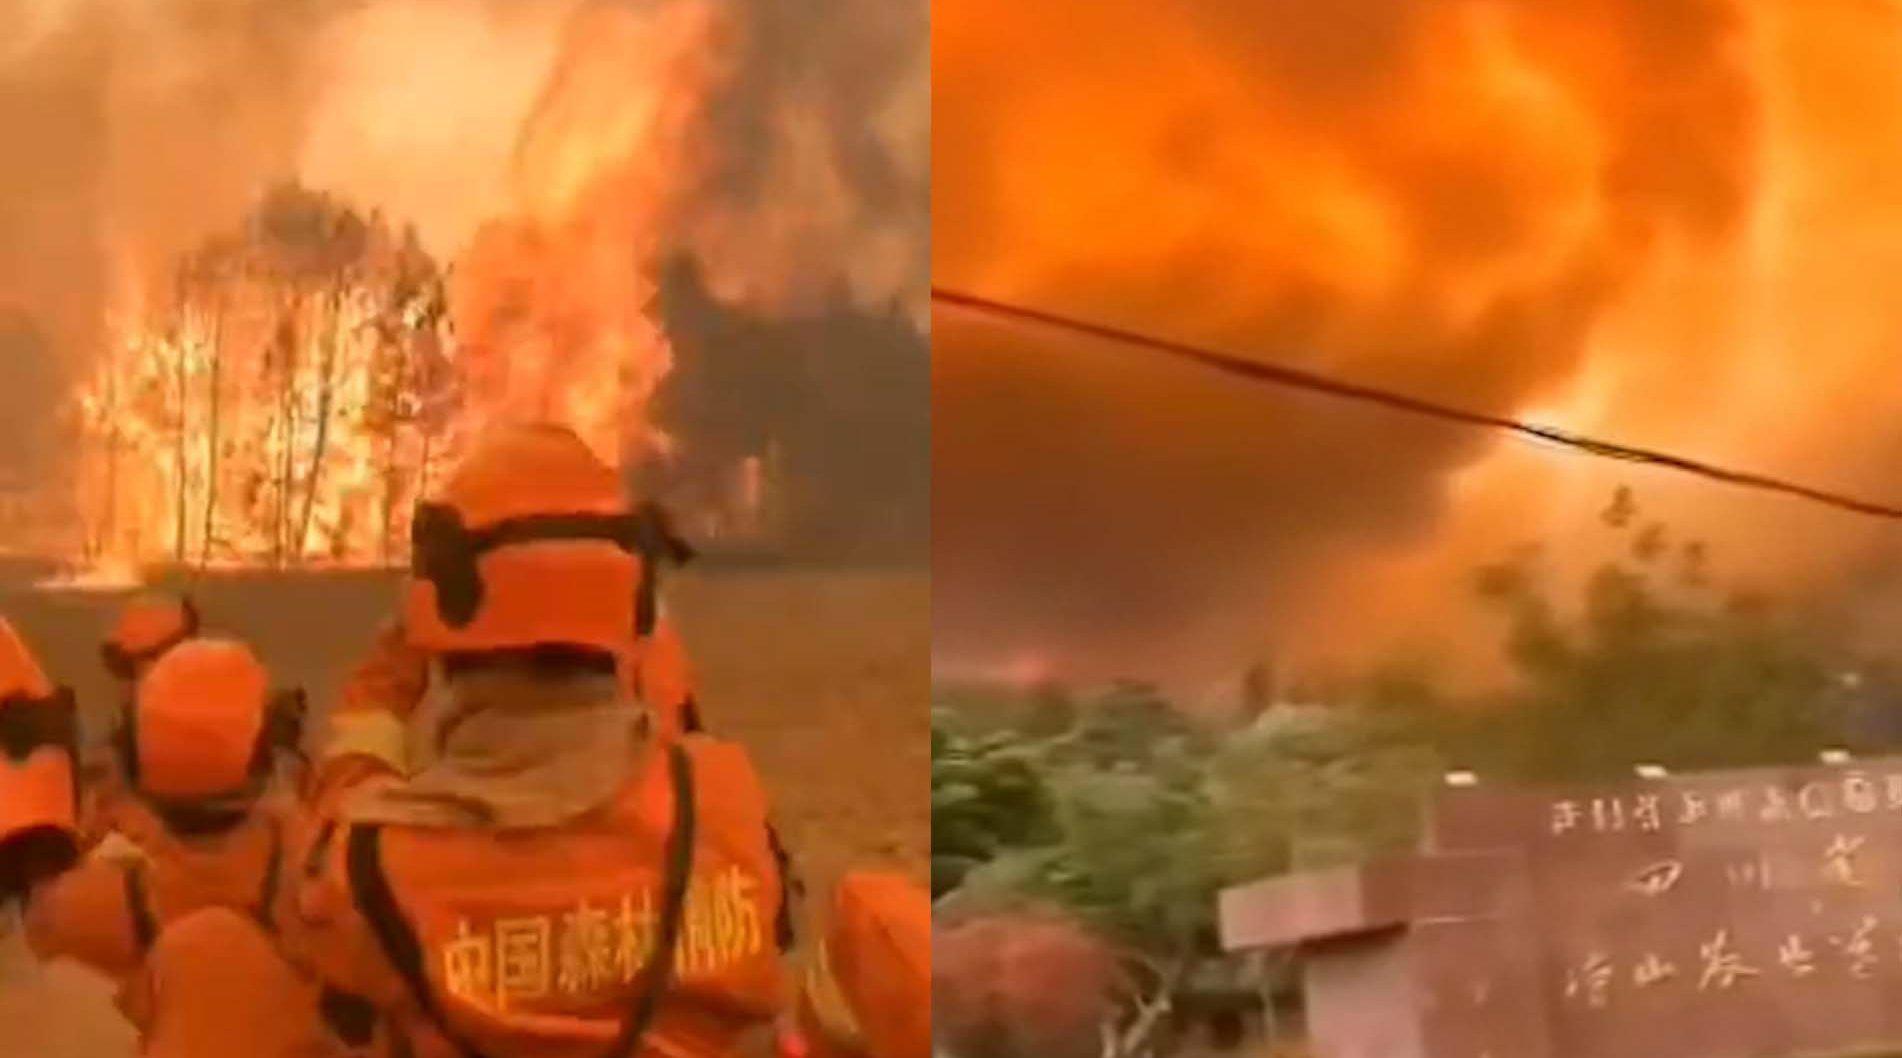 悲痛!四川西昌森林大火已导致18名消防员牺牲